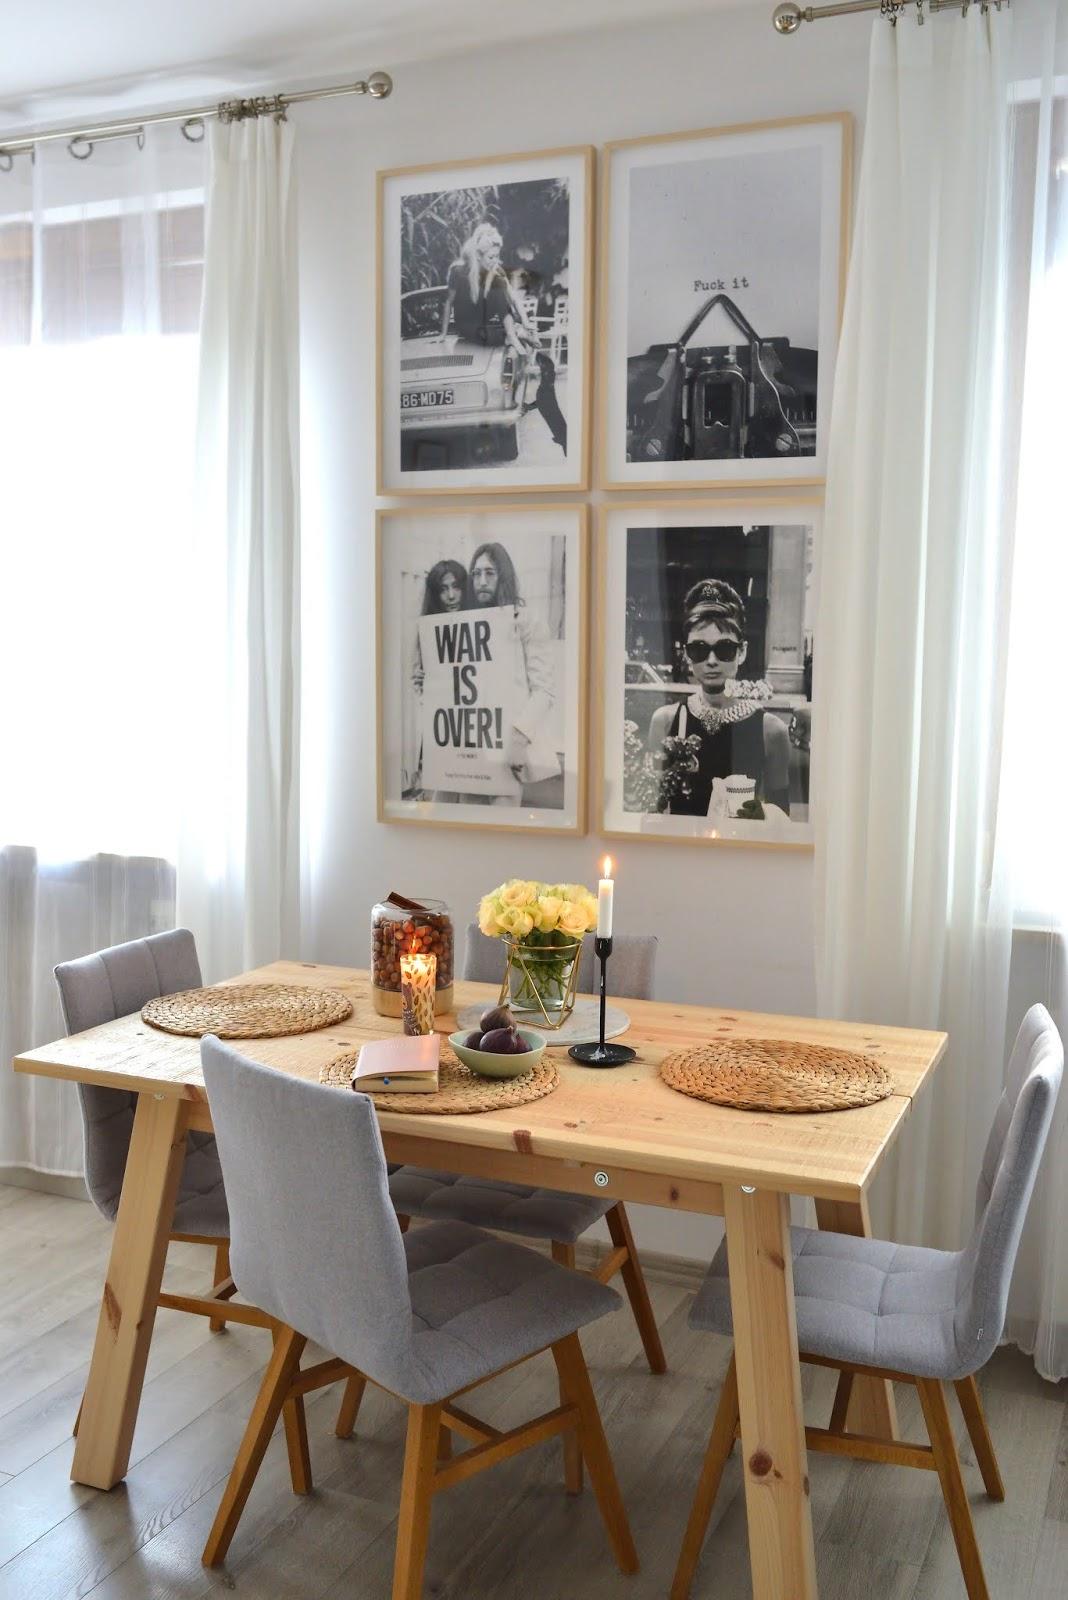 Galeria ścienna w mieszkaniu- czyli, jak szybko odświeżyć wnętrze.